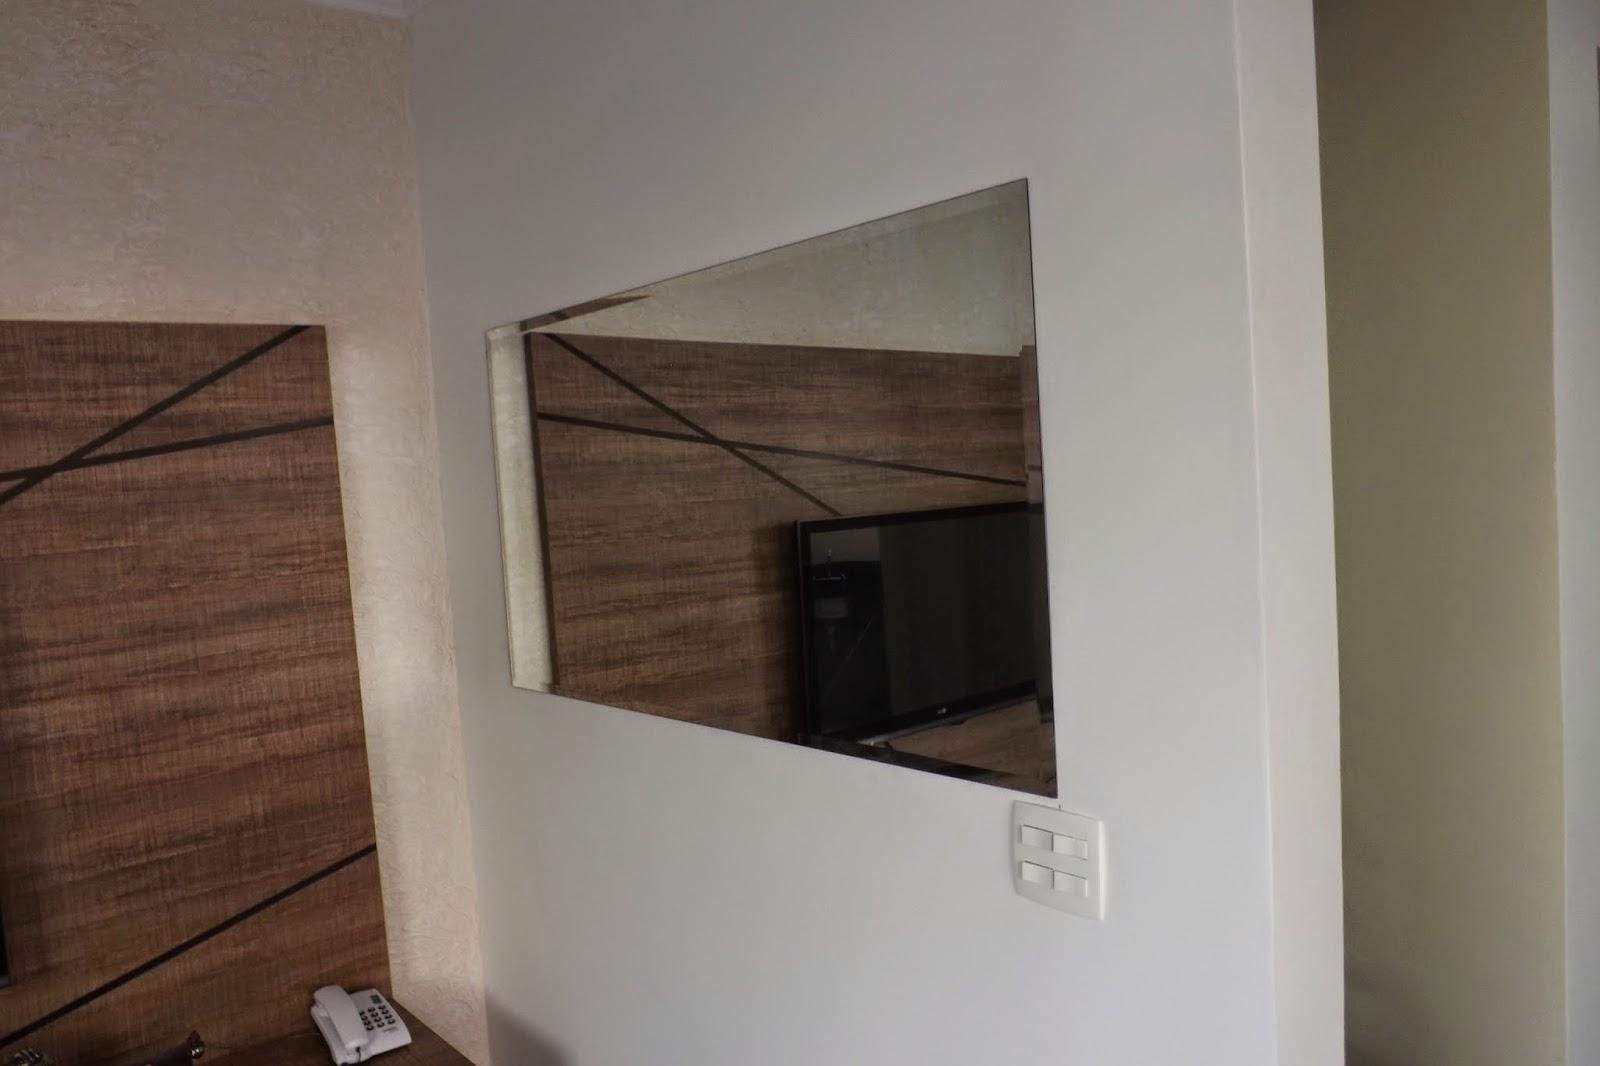 espelho instalado